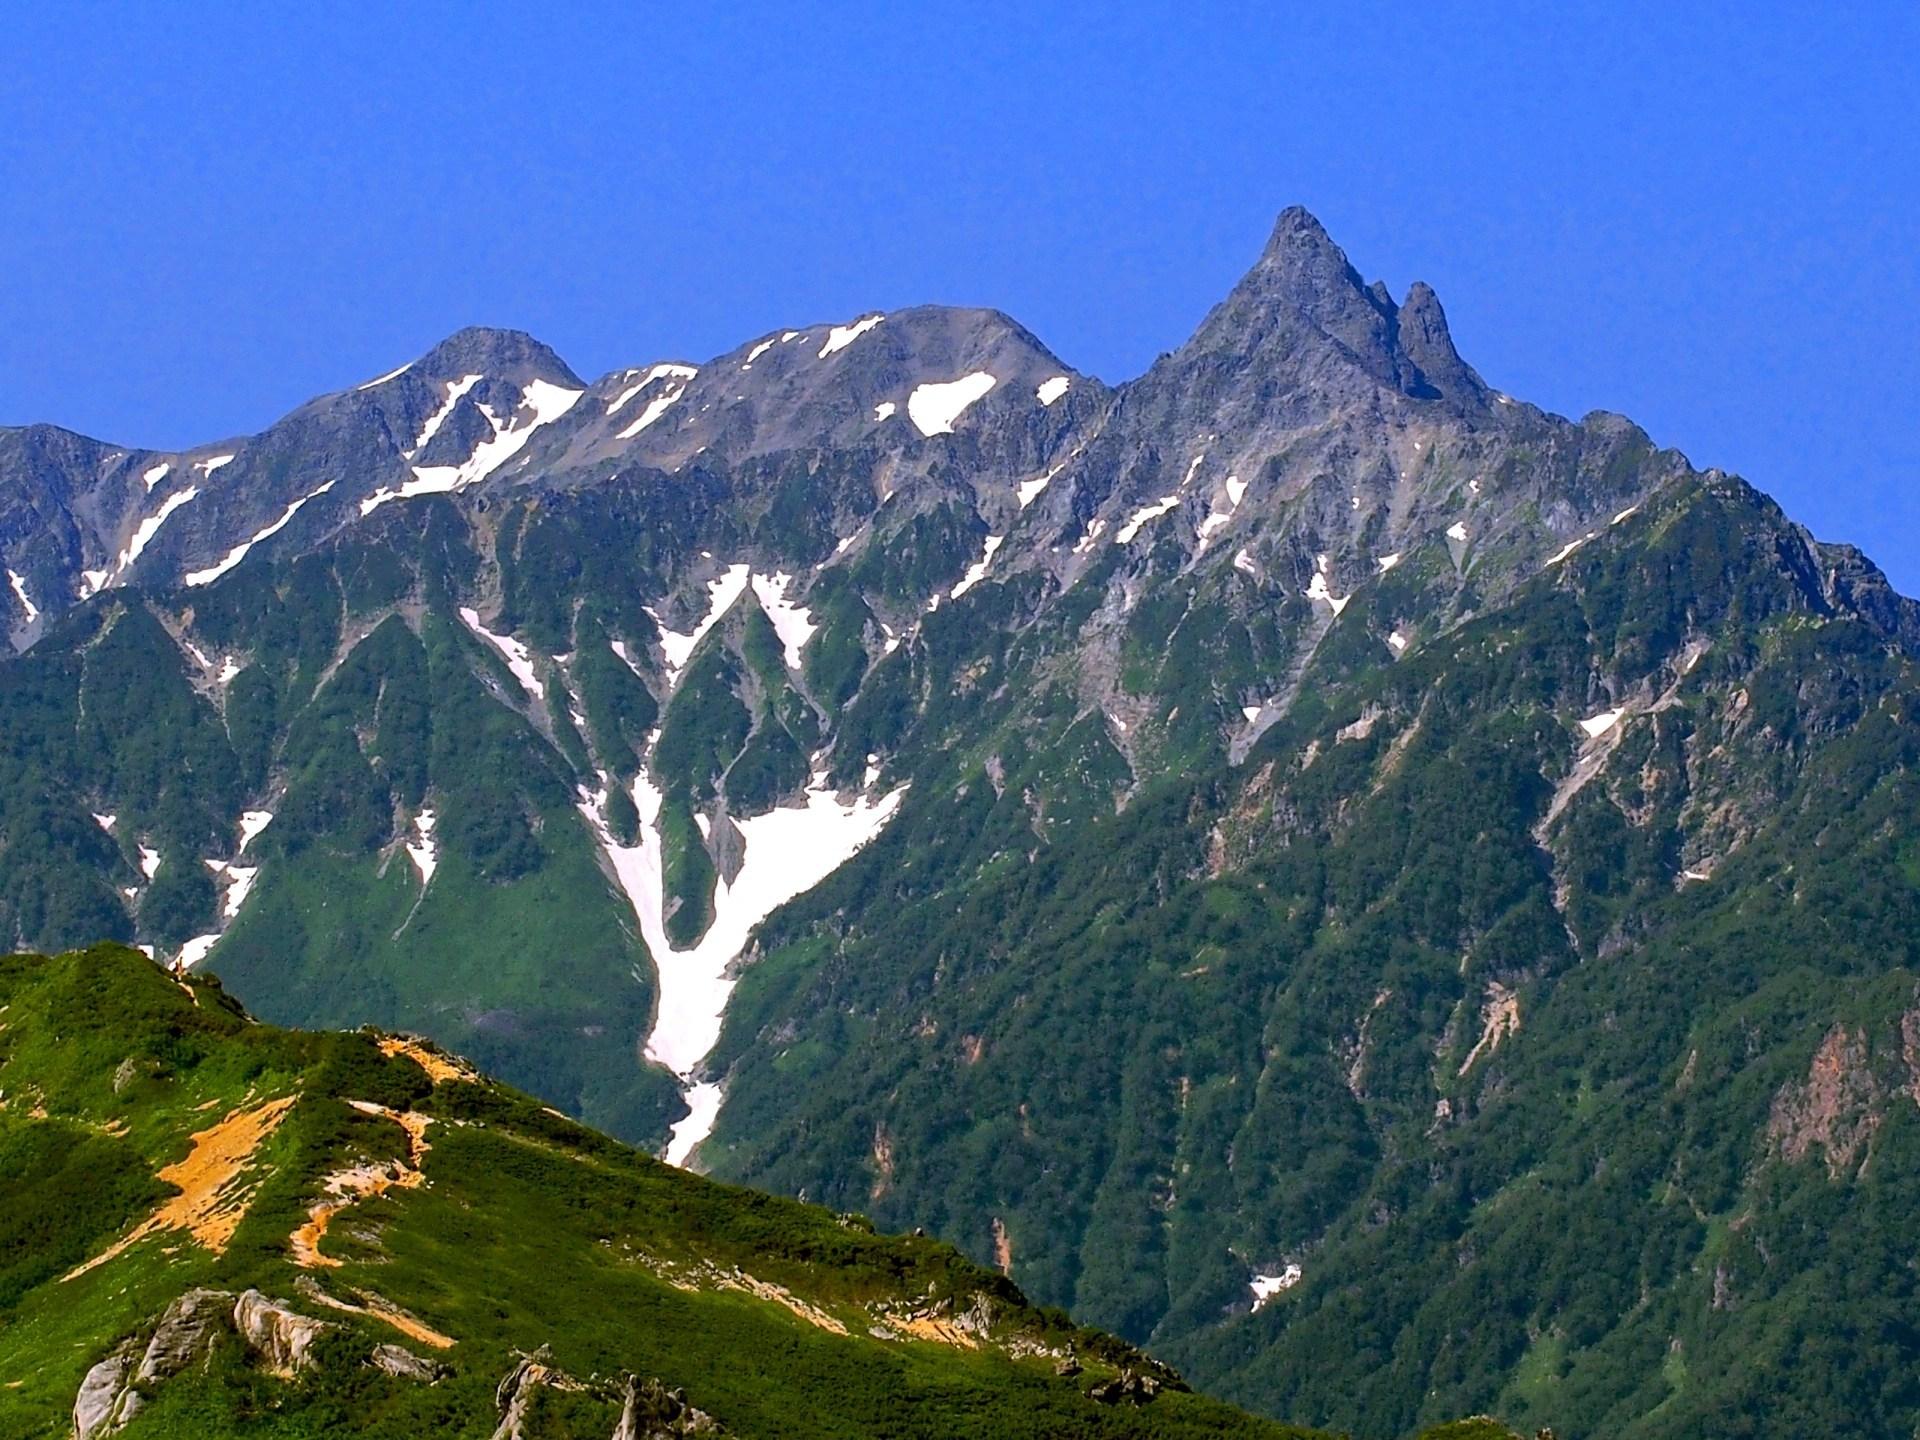 ยาริเป็น ภูเขา ที่สูงเป็นอันดับ 5 ของ ญี่ปุ่น